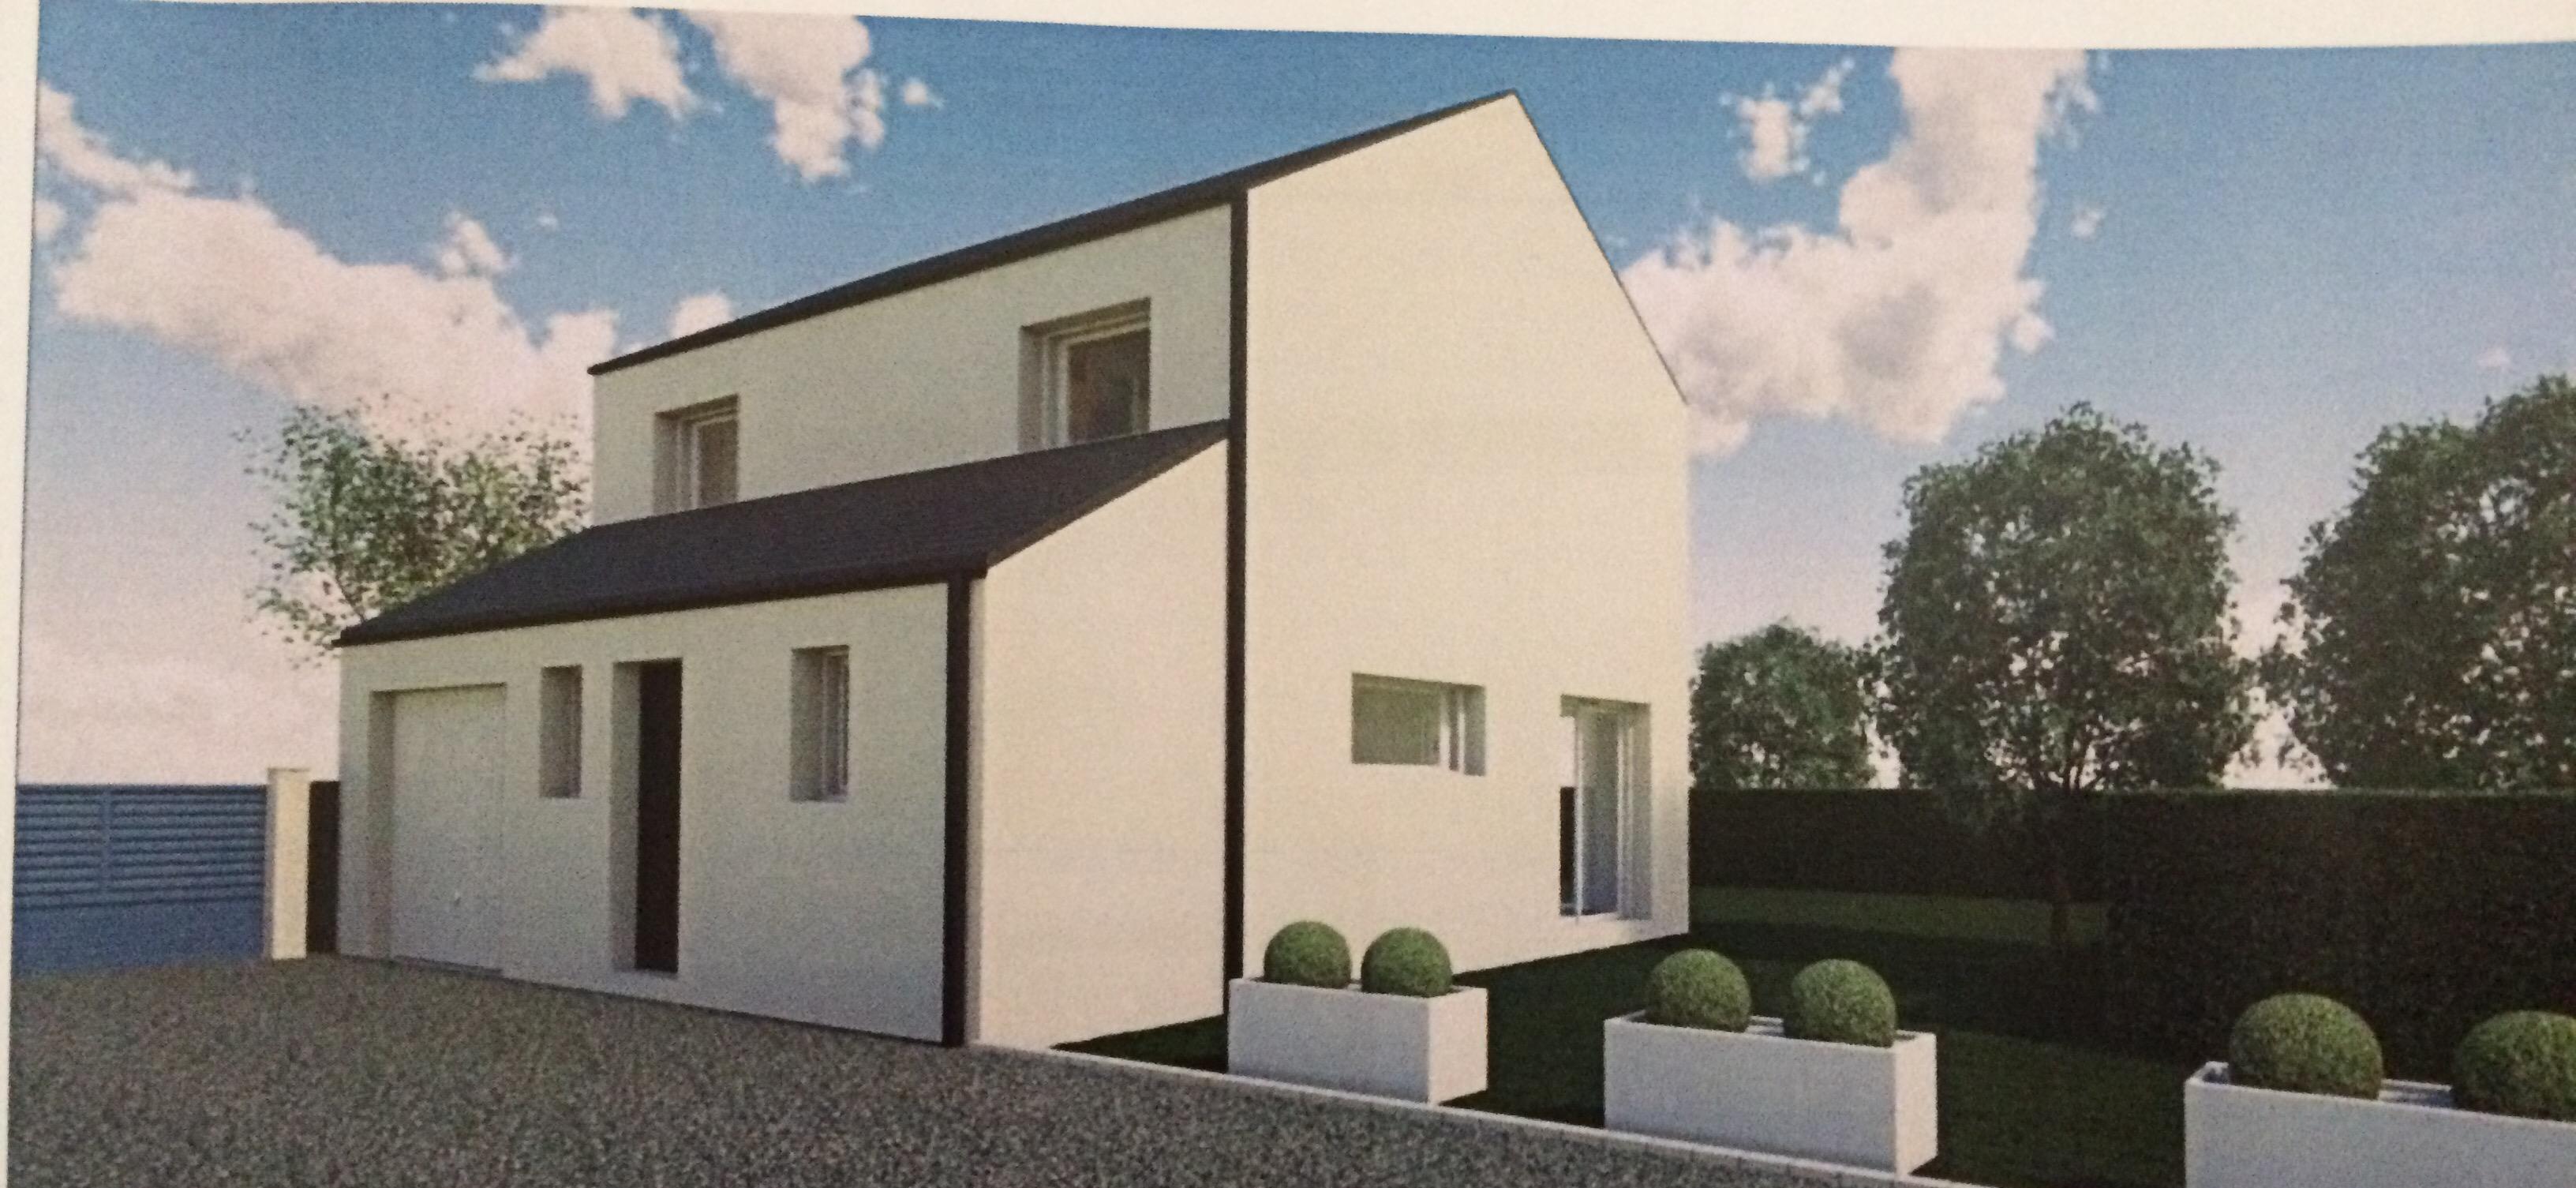 constructeur maison familiale avis maison moderne